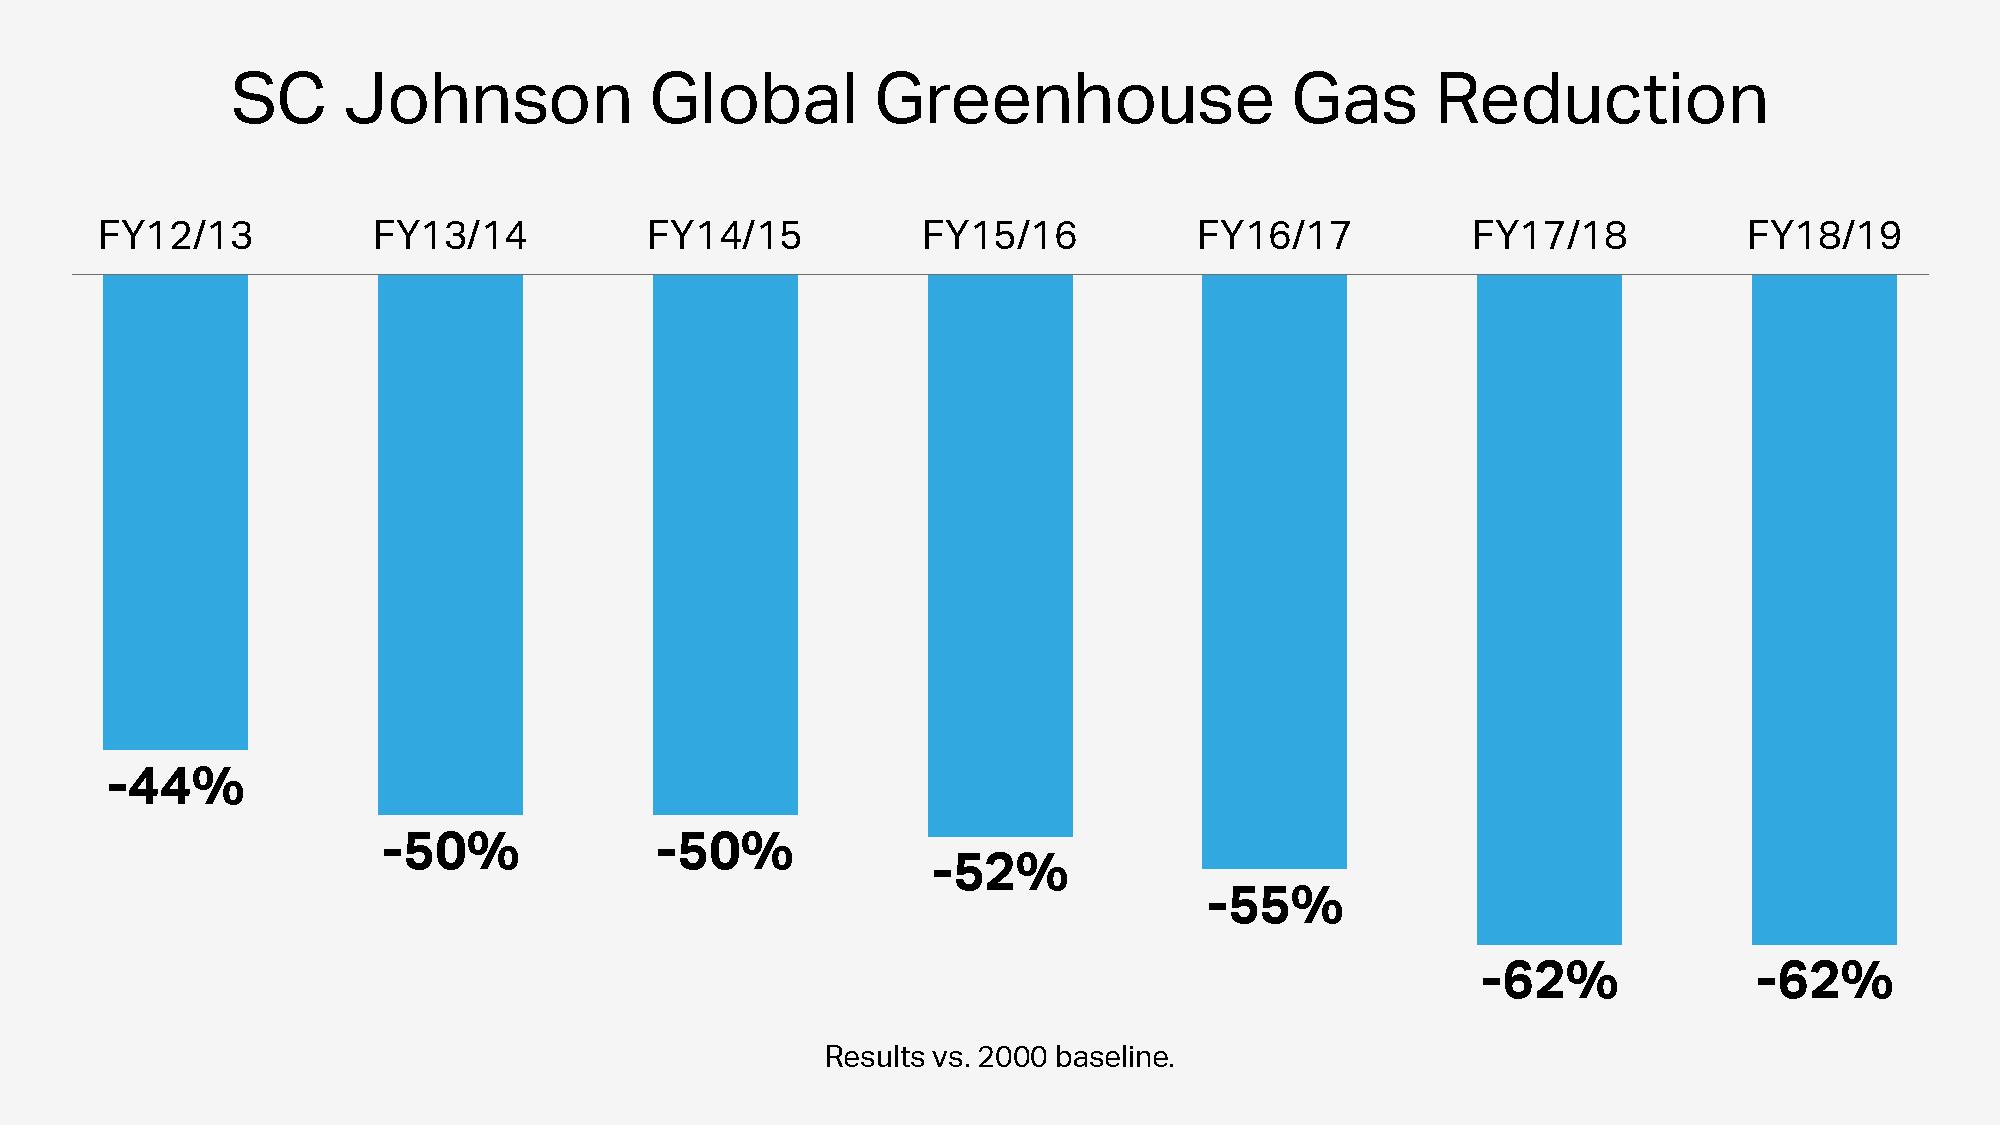 Reducción global de gas de efecto invernadero de SC Johnson a lo largo de los años